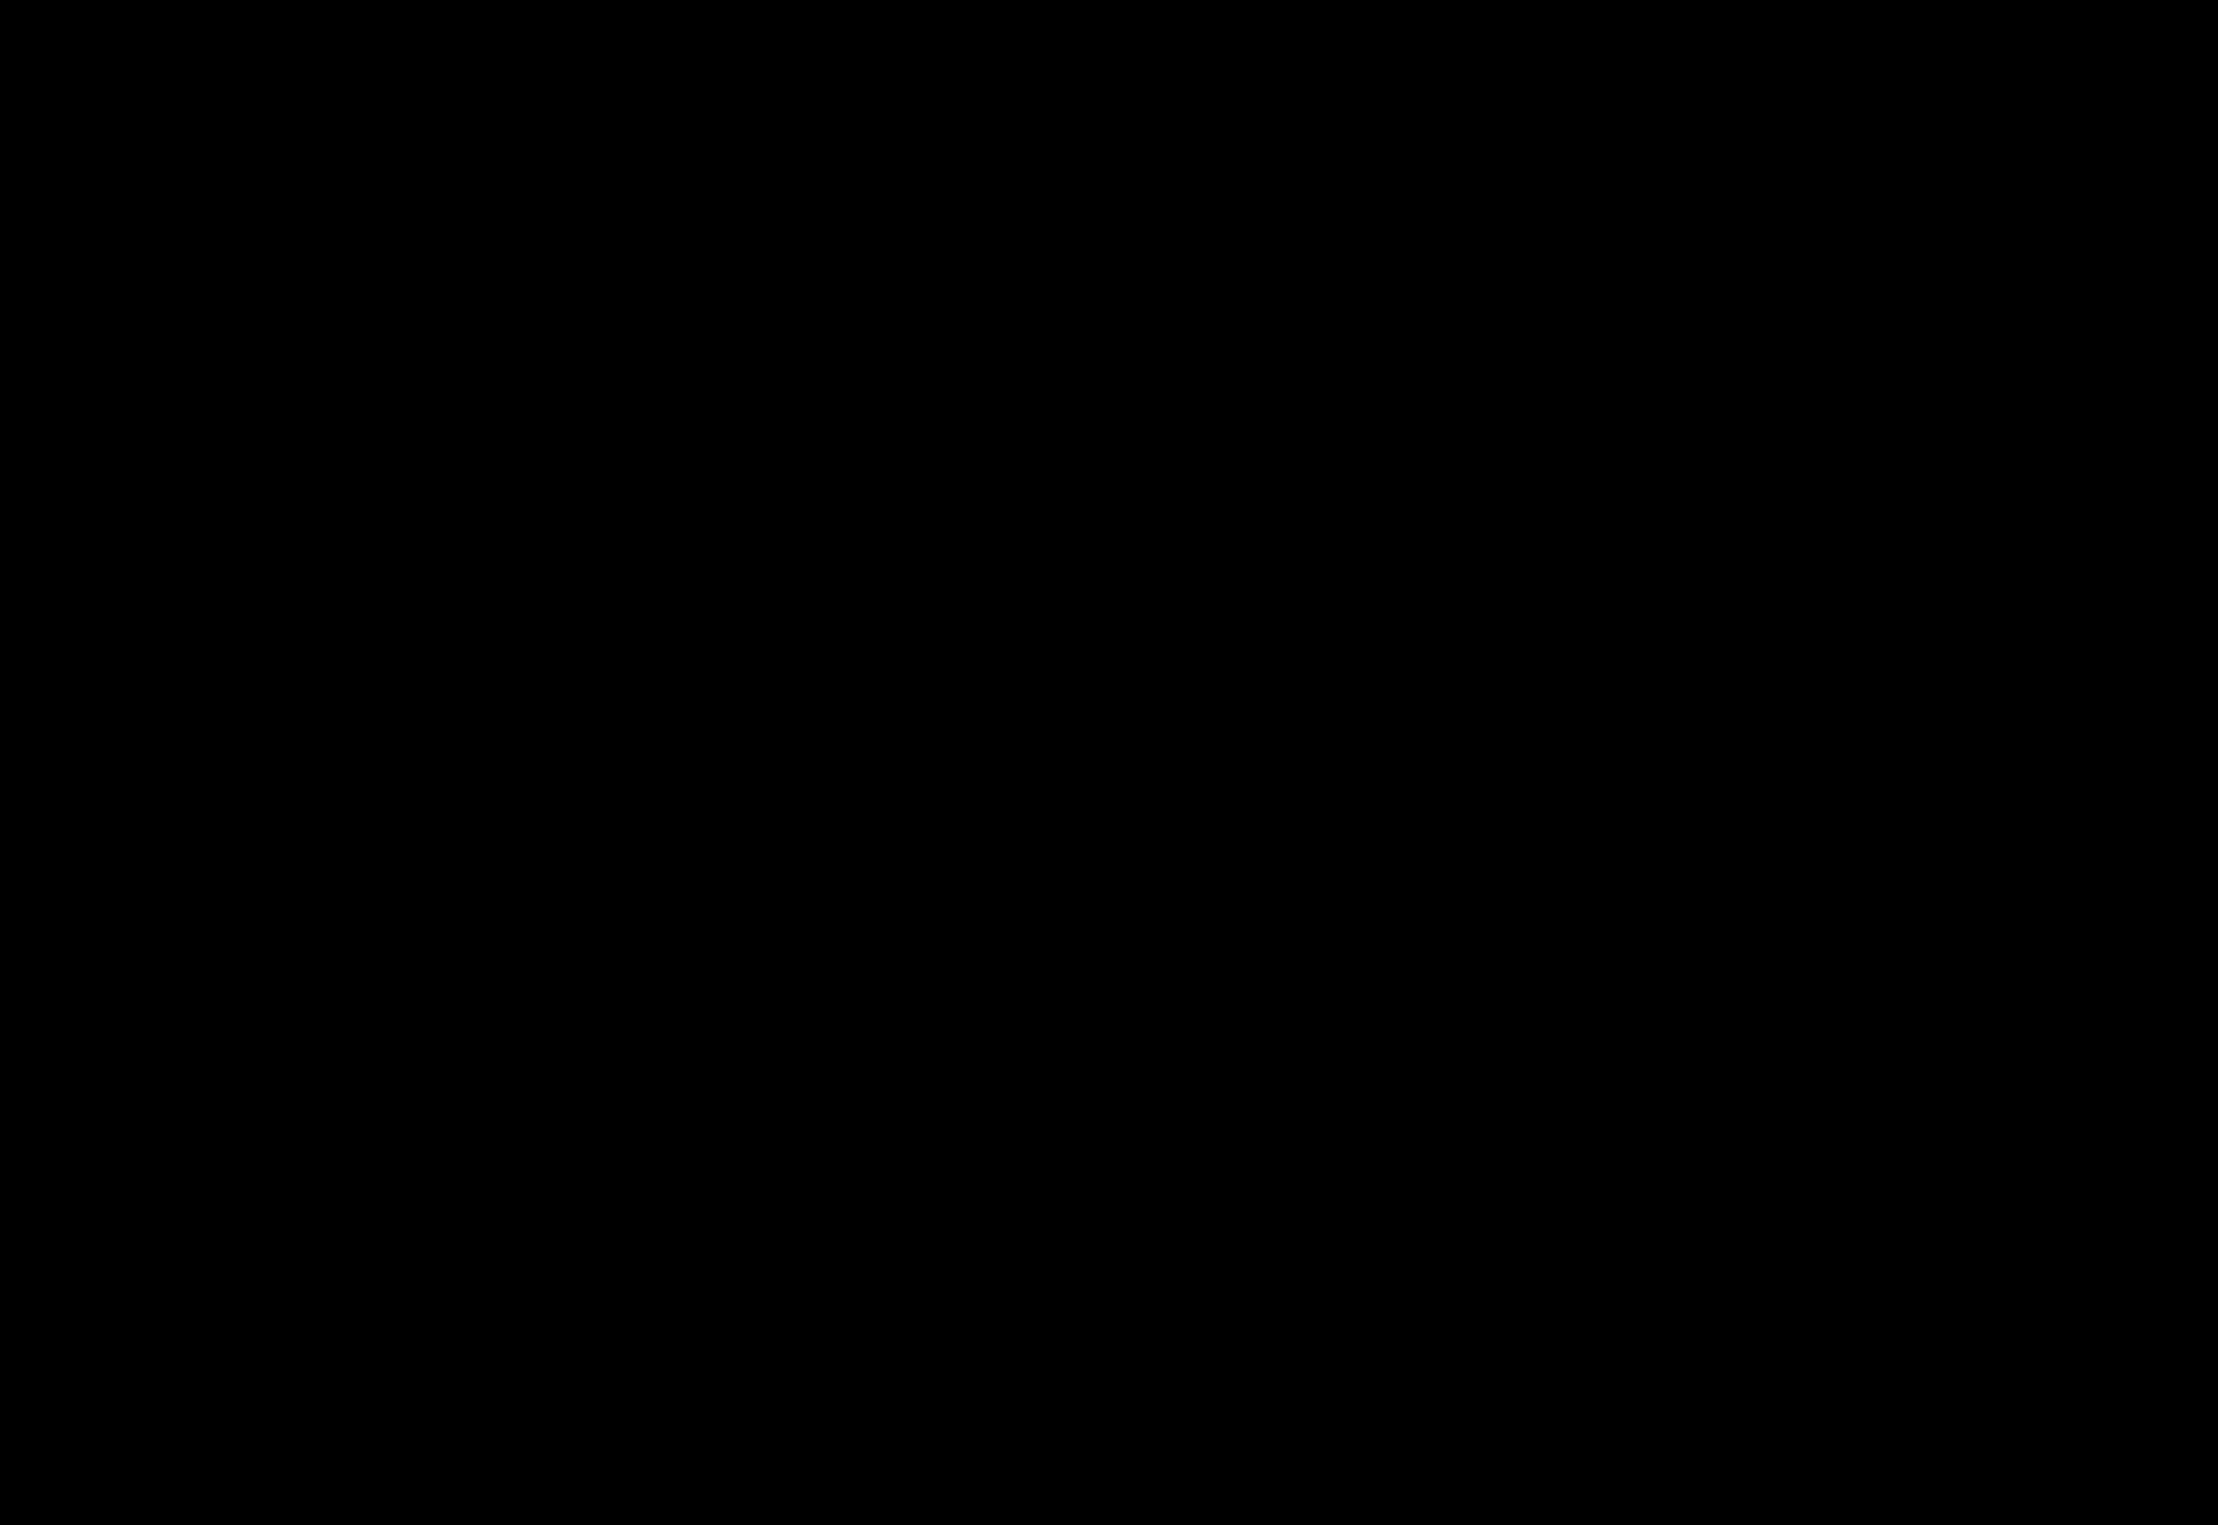 Samy Deluxe, Nena, Phillip Poisel, Dellé, Seed, Lillo Scrimali, MEUTE, Peter Fox, BÄM Drumline Berlin, SOS Mediterranée, Moka Efti Orchester, Babylon Berlin, Patrice, Afrob, Megaloh, Teddy Mercury, Daniel Müller-Schott, Brandenburger Tor, Berlin, Tag der deutschen Einheit, Nur mit Euch, #nurmiteuch, #1heit, #daskonzert, #tddeinheit, SEPO, Syrian Expat Philhamonic Orchestra, das größte Fest des Jahres, Germany, Deutschland, Music, Fanmeile, Meile, Bürgerfest, Buero Doering, Fachhandel für Ereignisse, SaMTV Unplugged, 99 Luftballons, Weck mich auf, Irgendwie, Irgendwo, Irgendwann